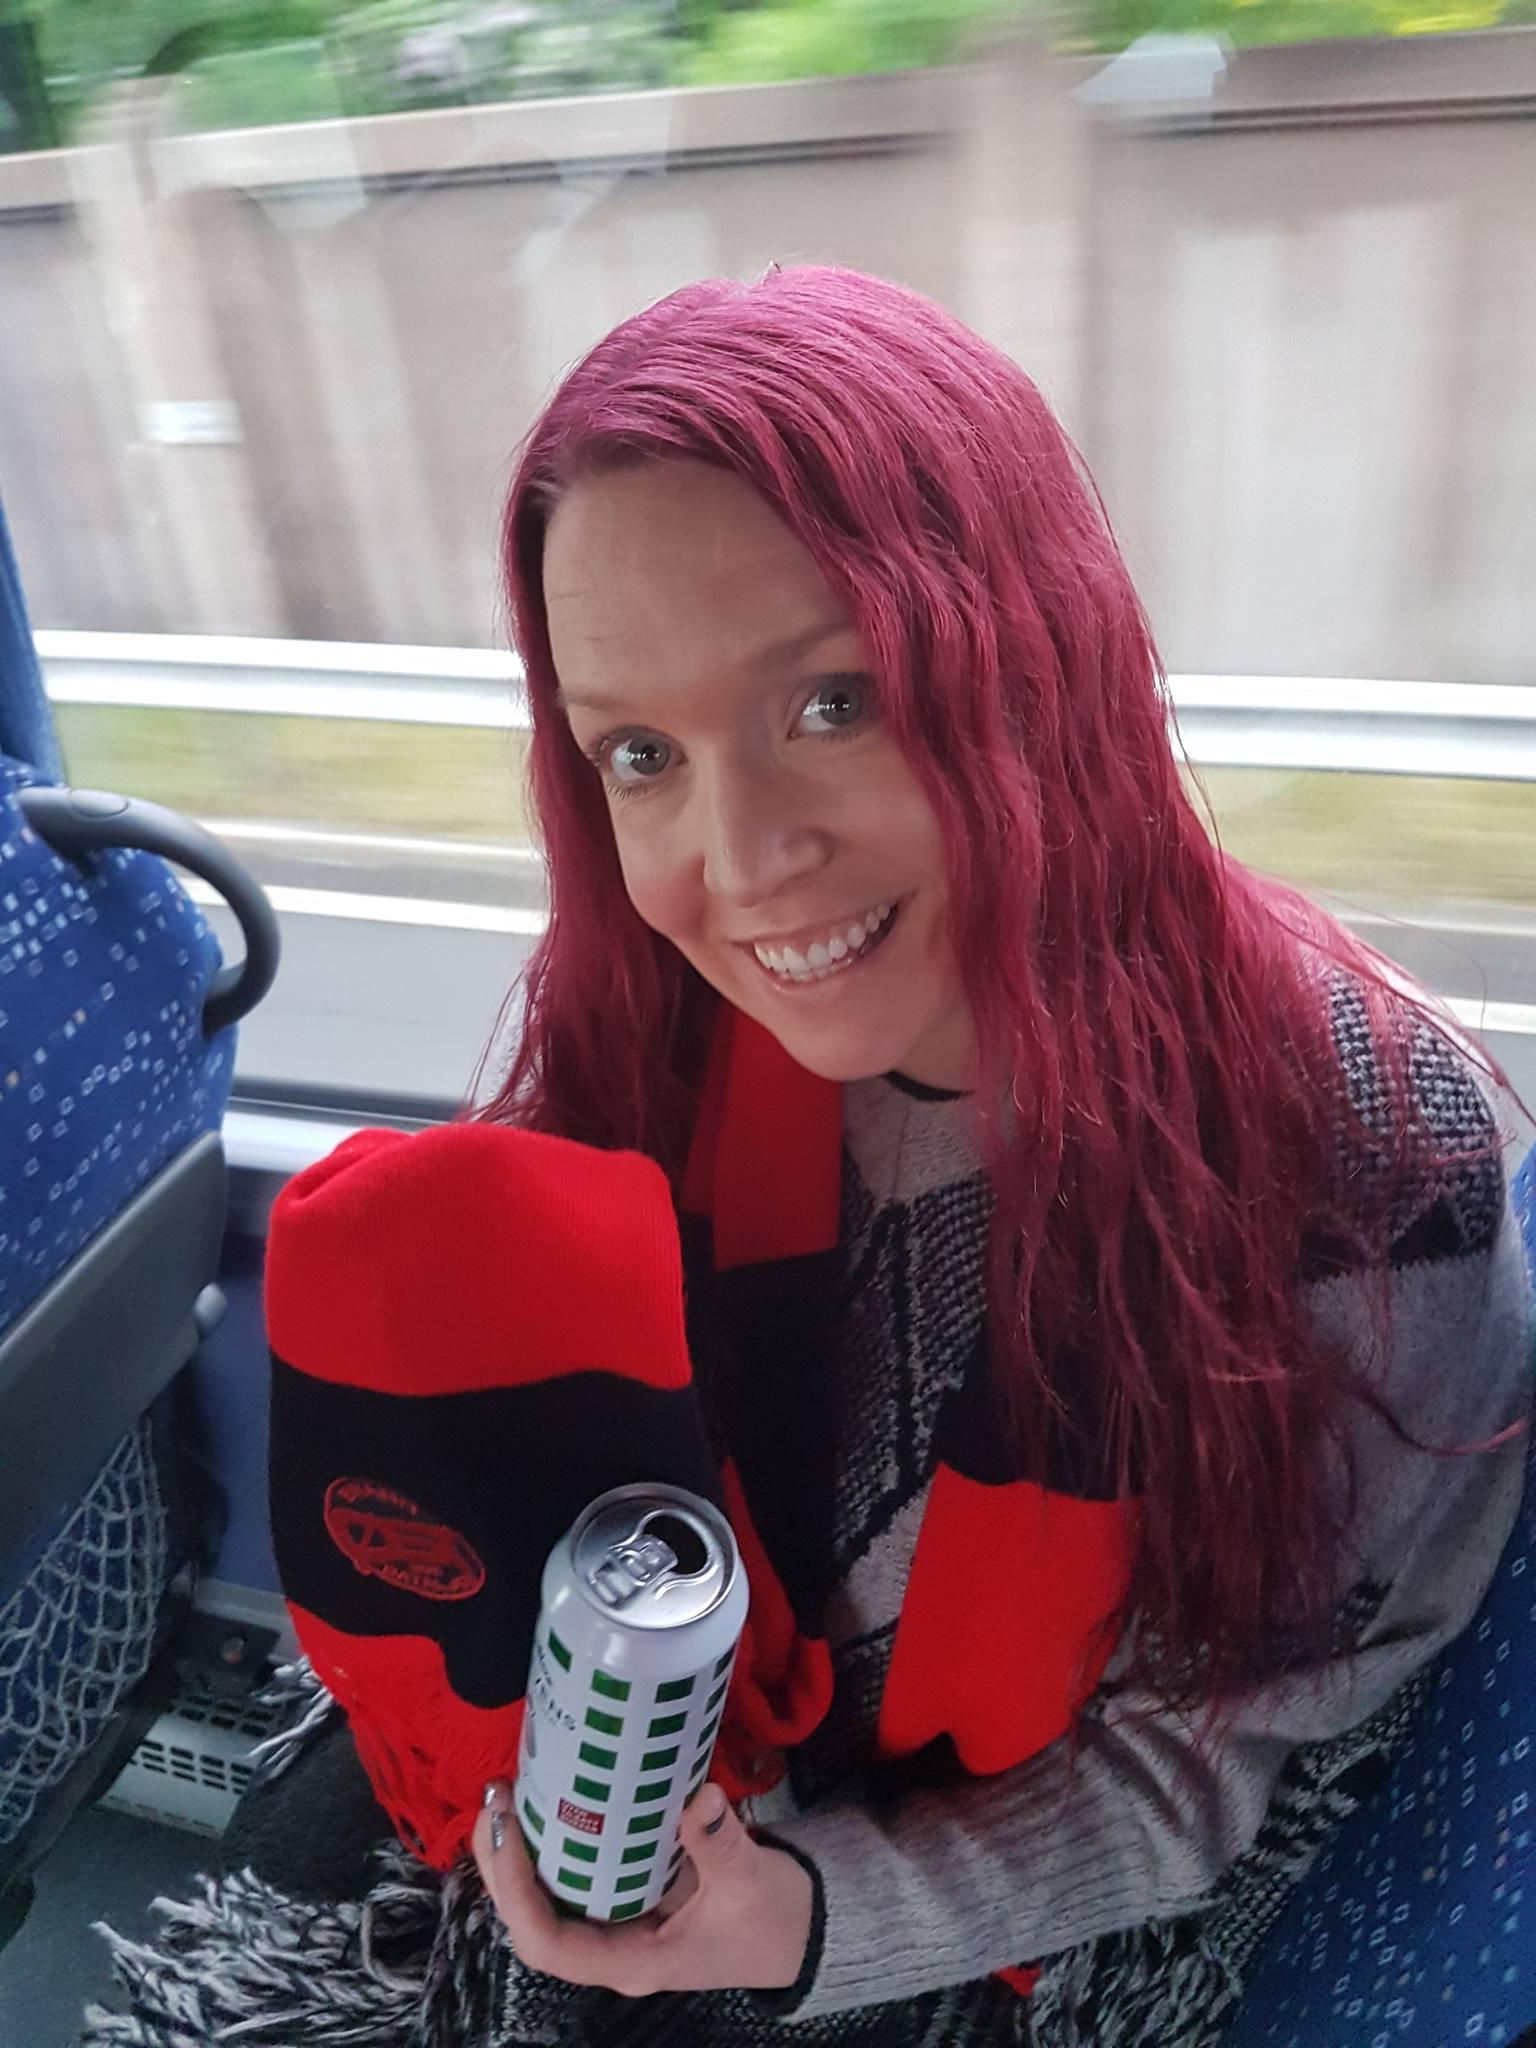 Første fyrebuss for Christine, Sogndal var bare en oppvarmingstur...